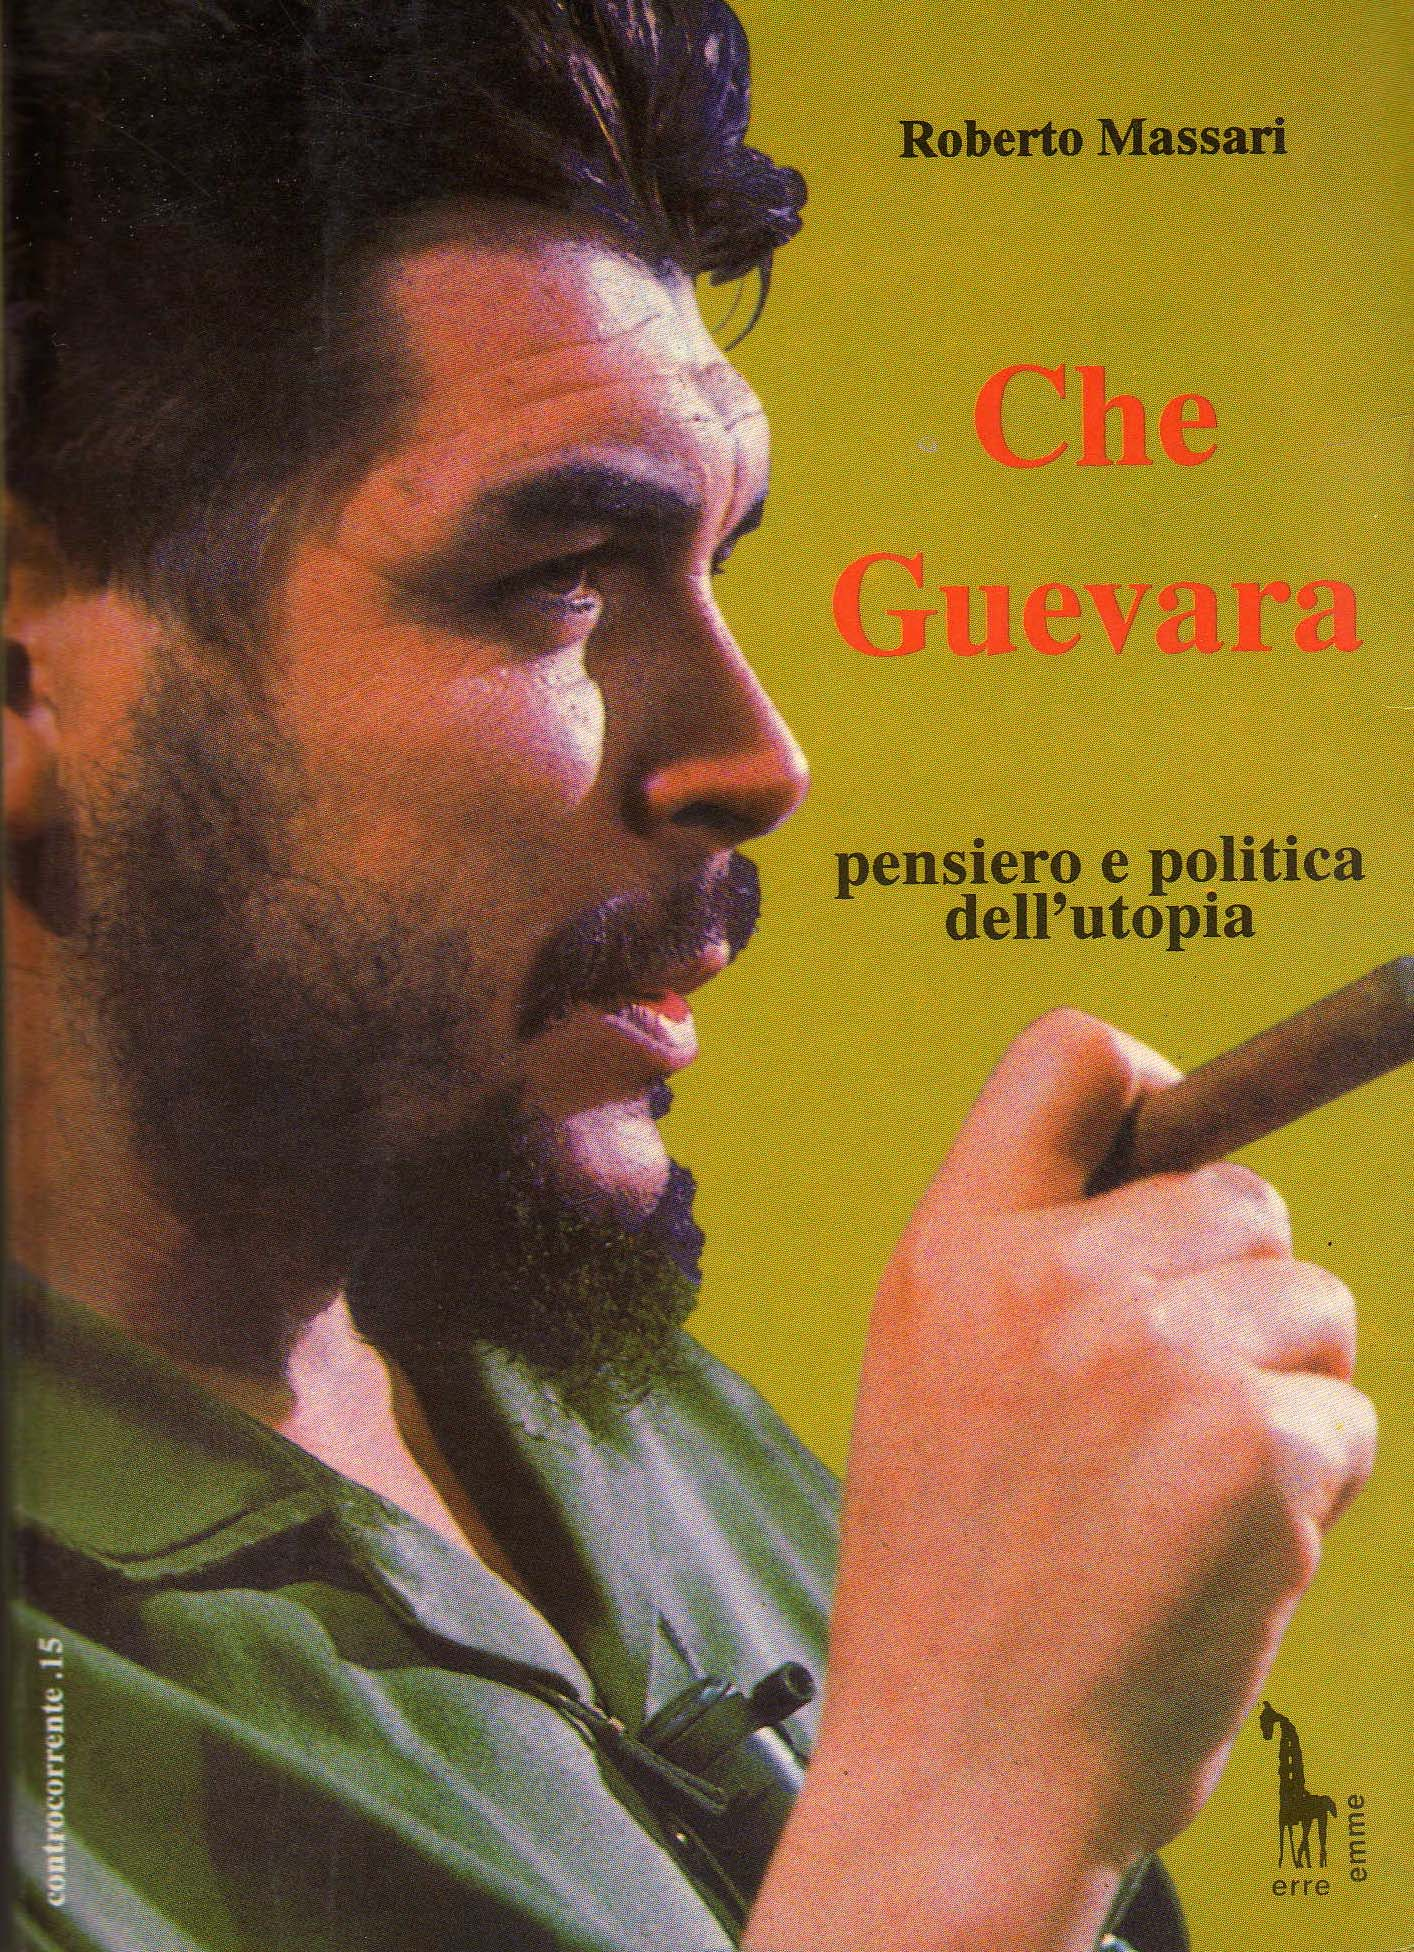 Che Guevara: pensiero e politica dell'utopia